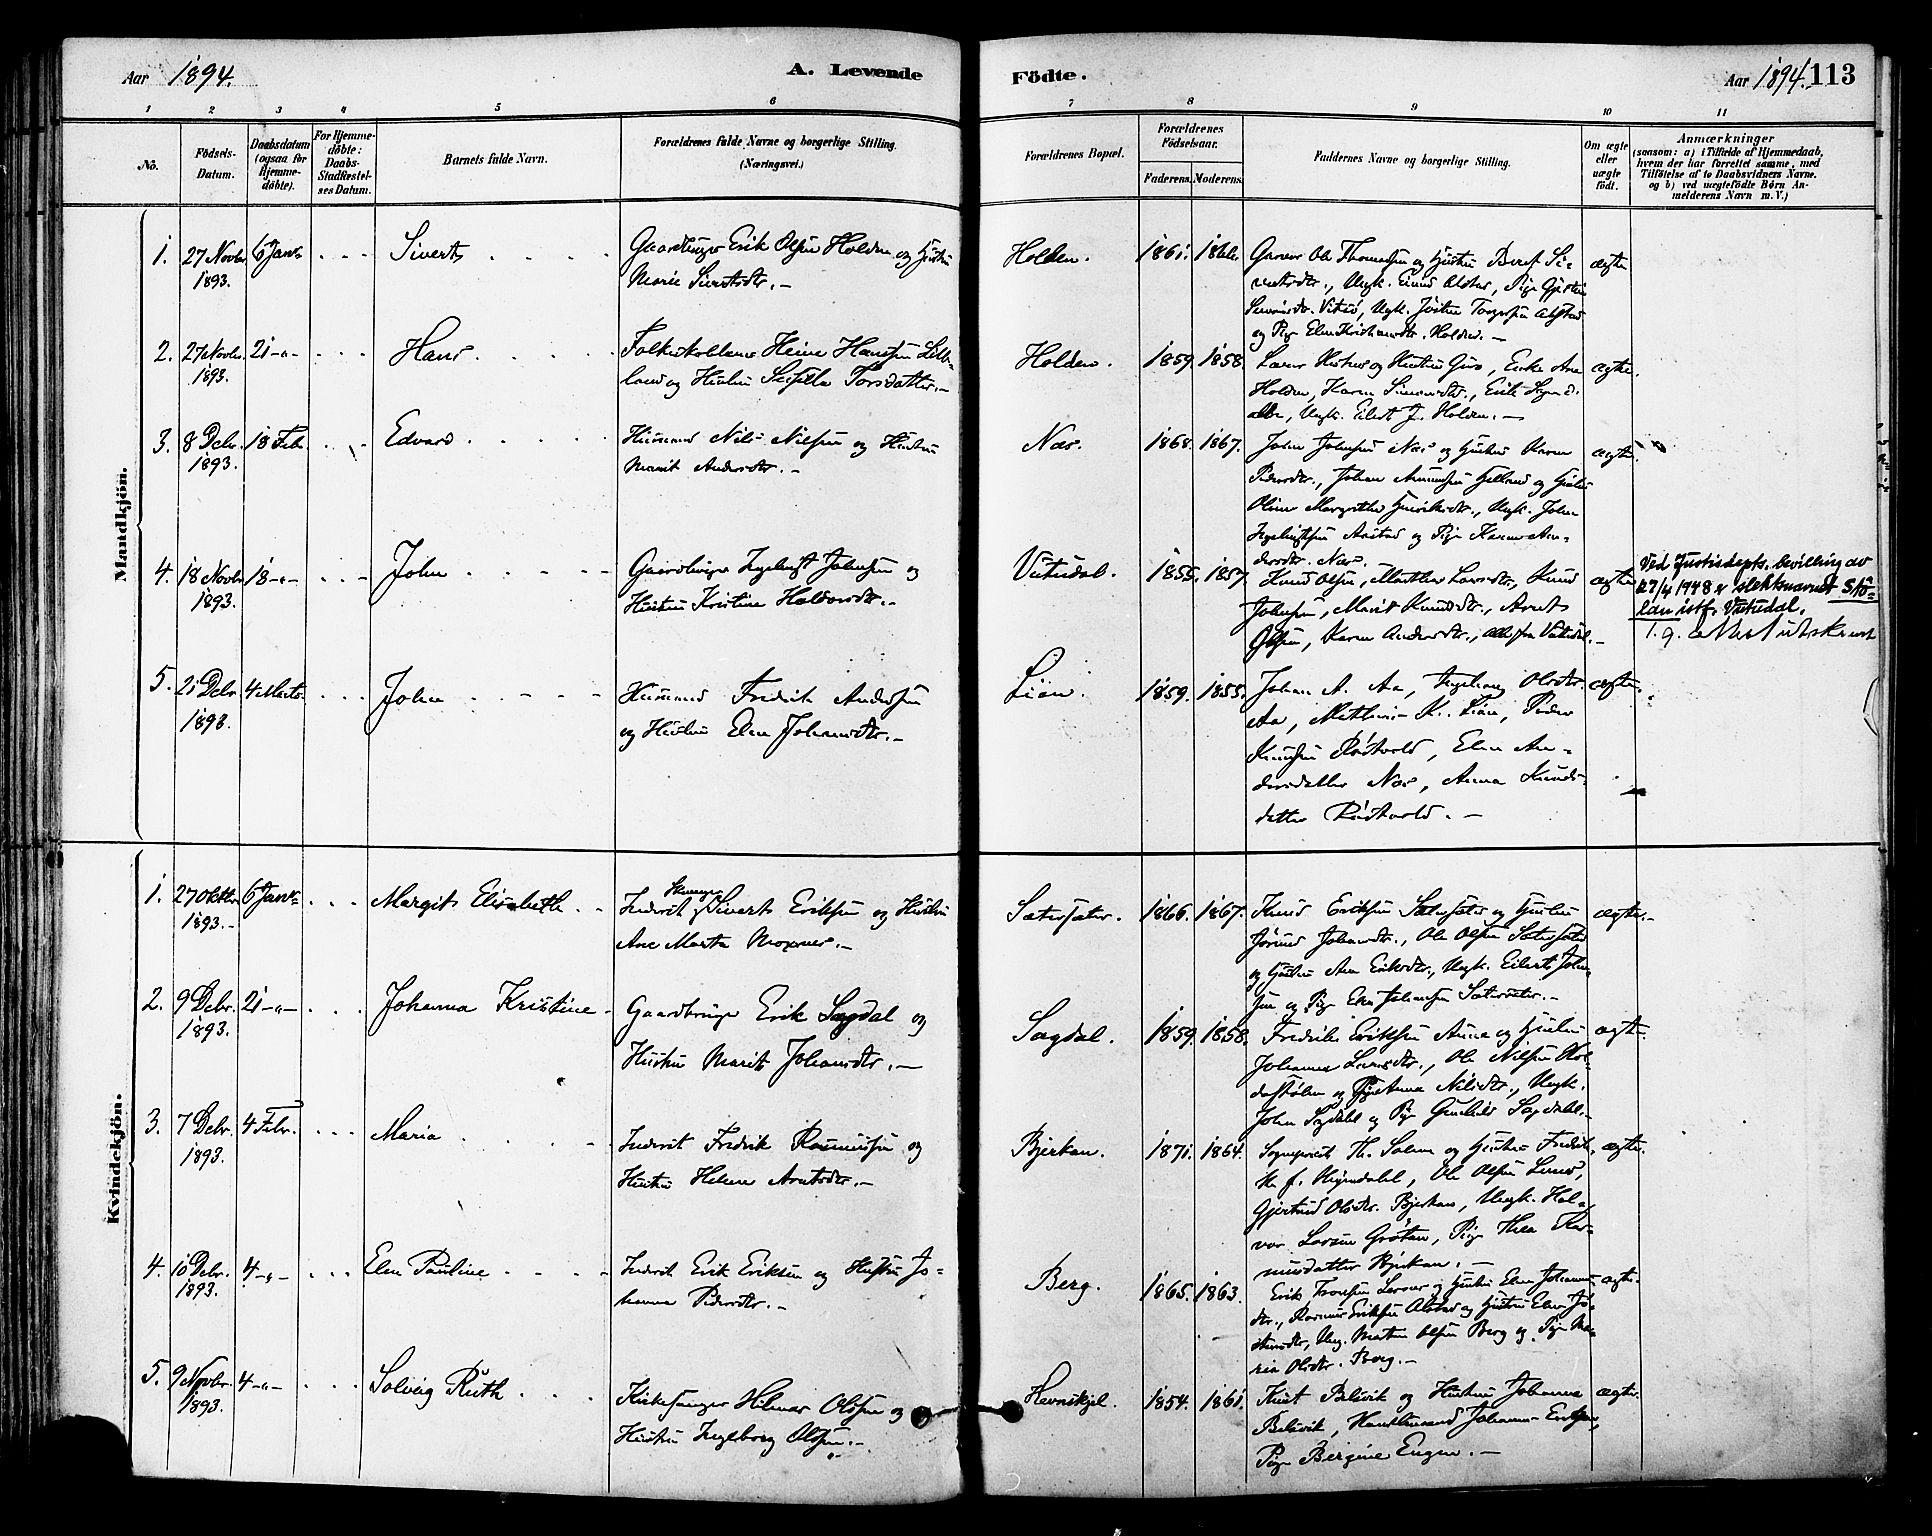 SAT, Ministerialprotokoller, klokkerbøker og fødselsregistre - Sør-Trøndelag, 630/L0496: Ministerialbok nr. 630A09, 1879-1895, s. 113